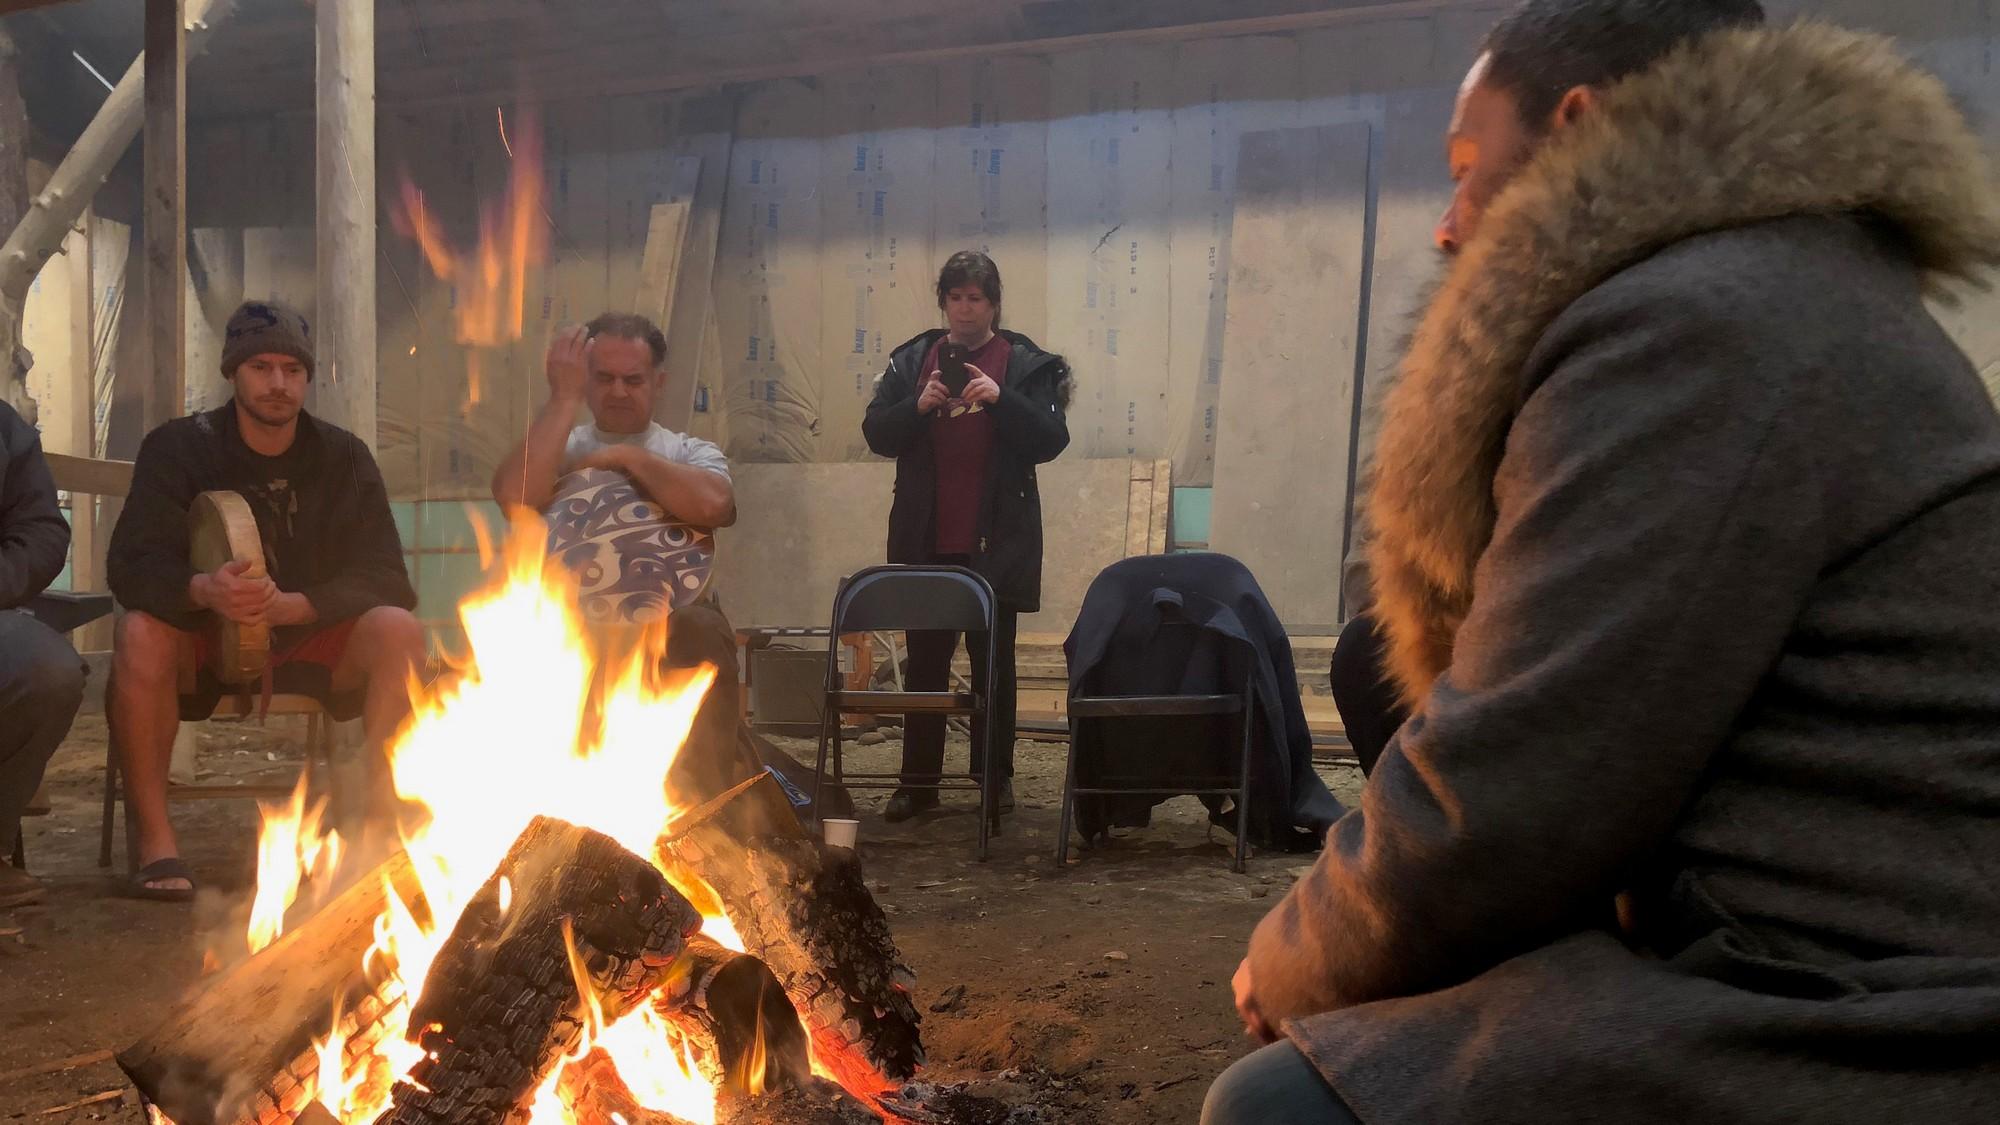 Gathered around a camp fire: Sy Miller, Dexter Miller; Tina Kuckkahn-Miller, and Taupōuri Tangarō.